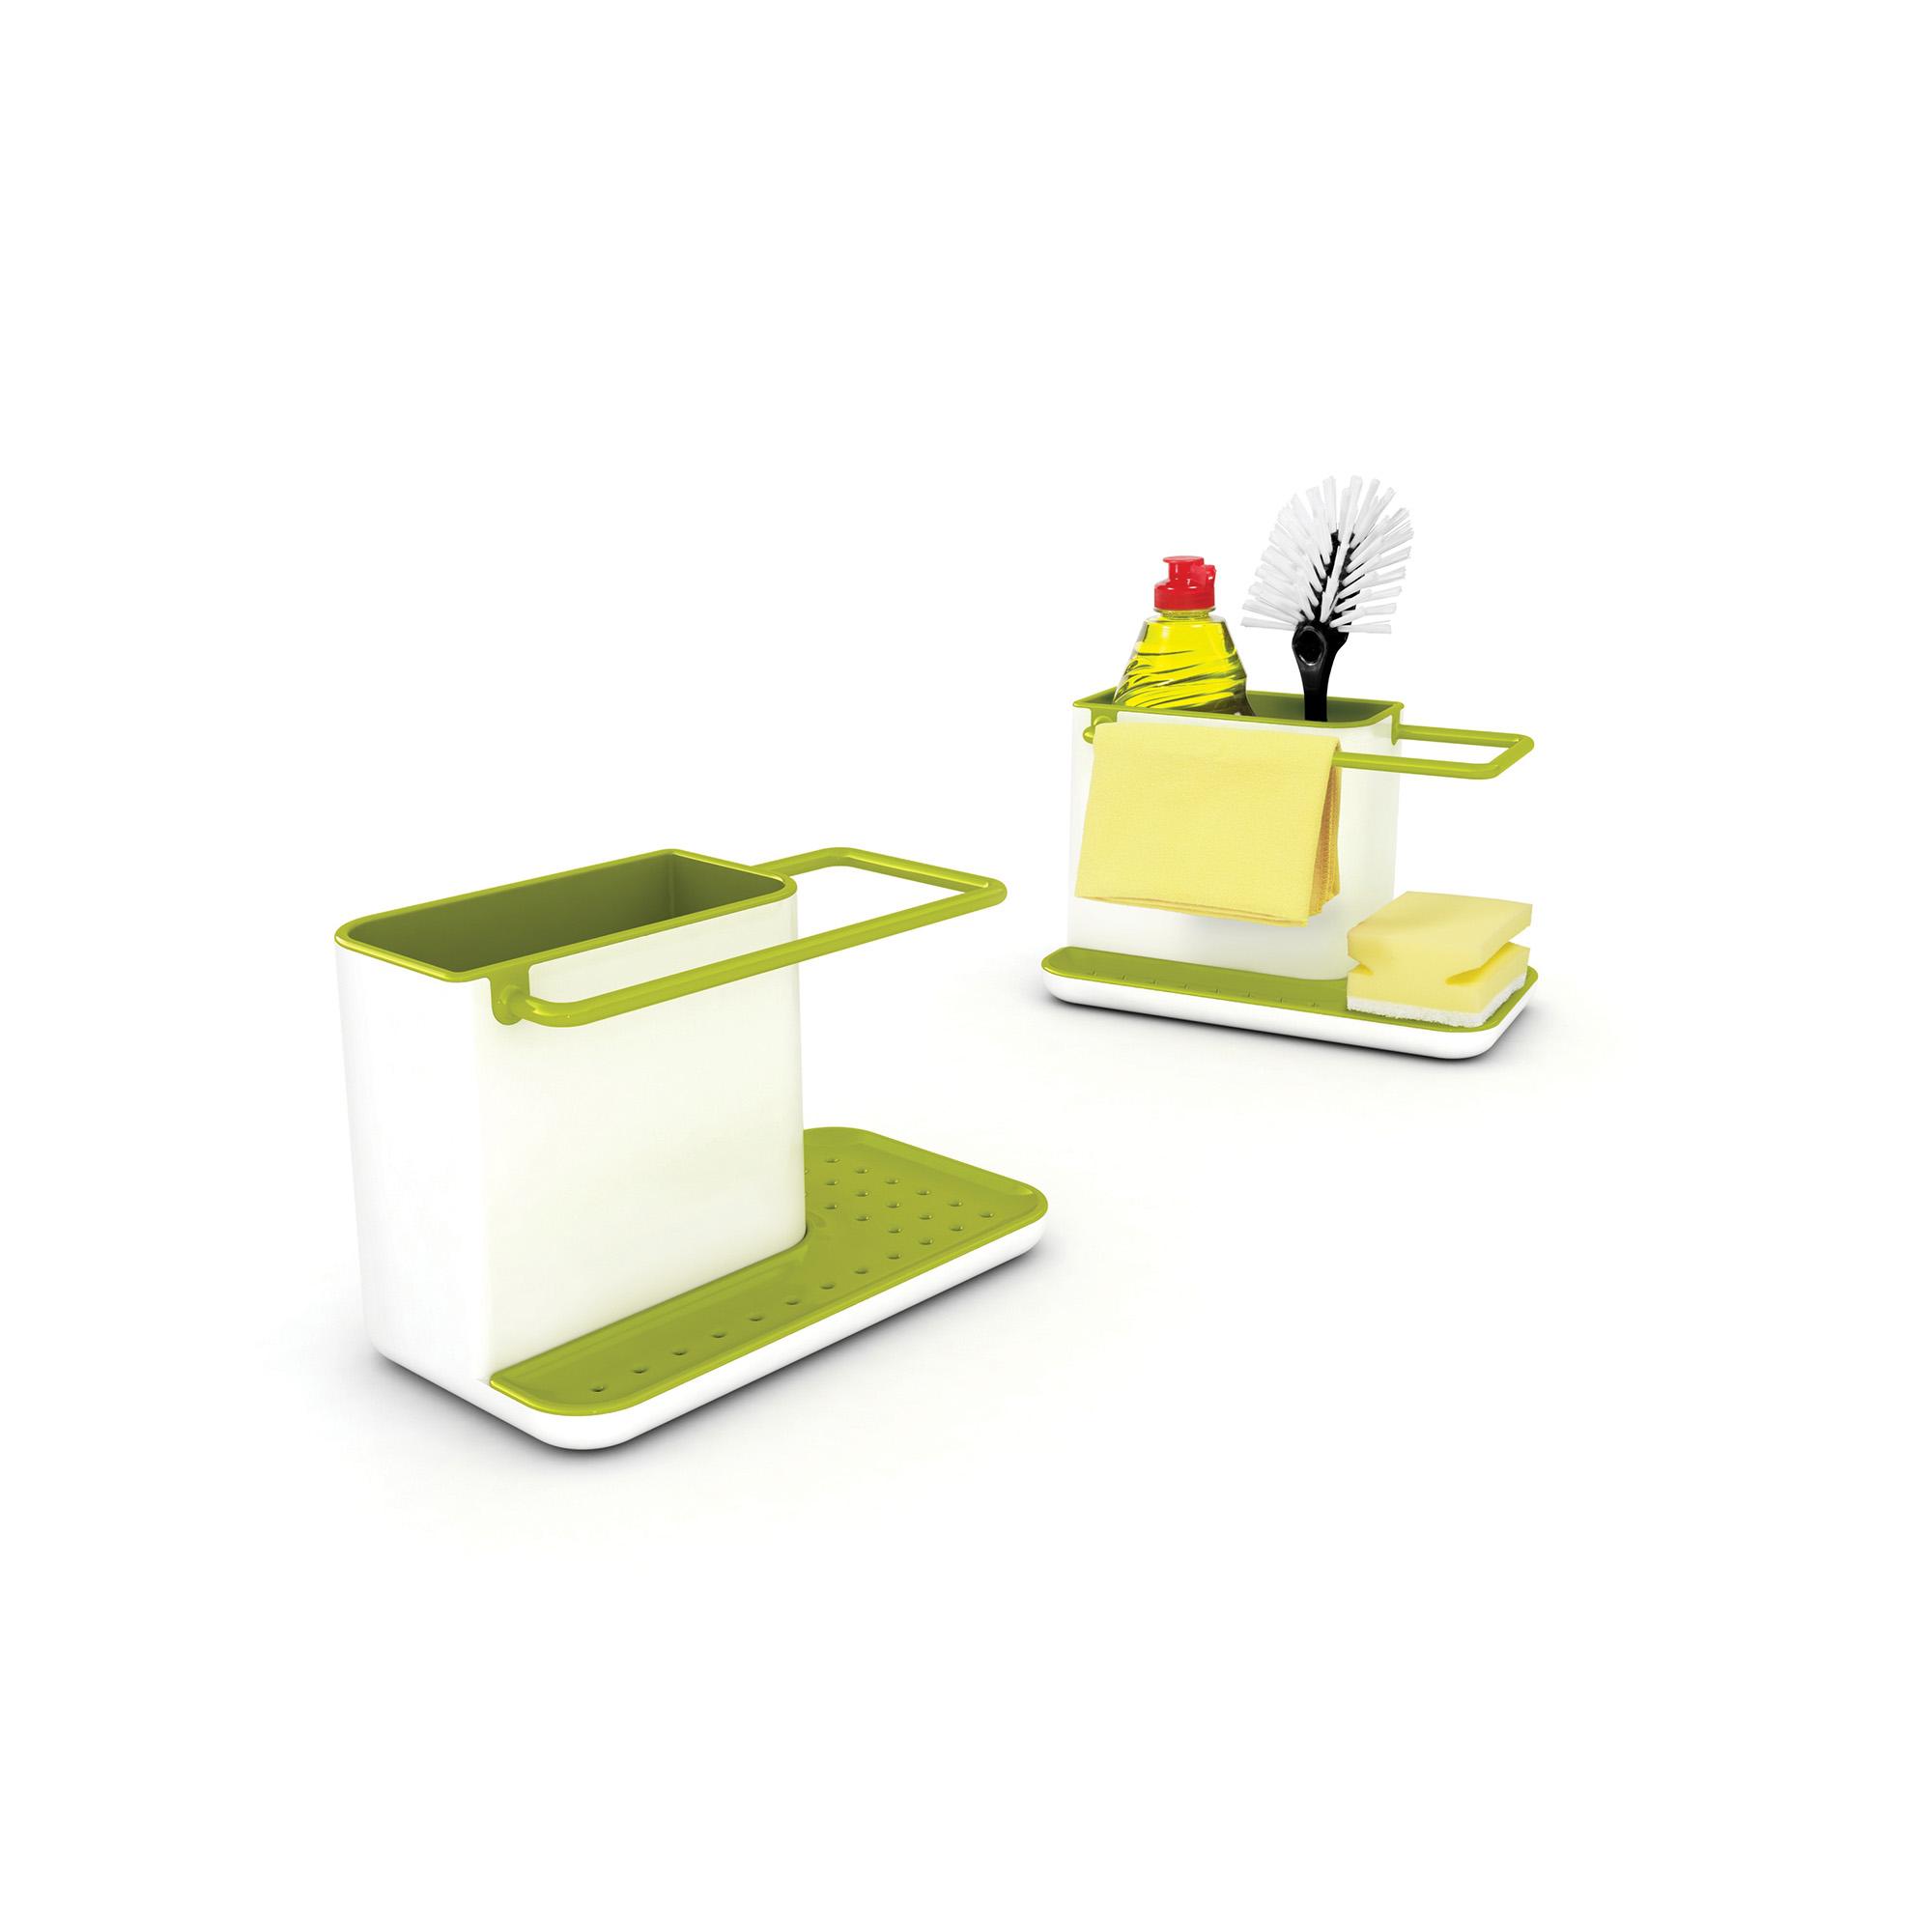 Caddy Sink Organisers Wht/Grn